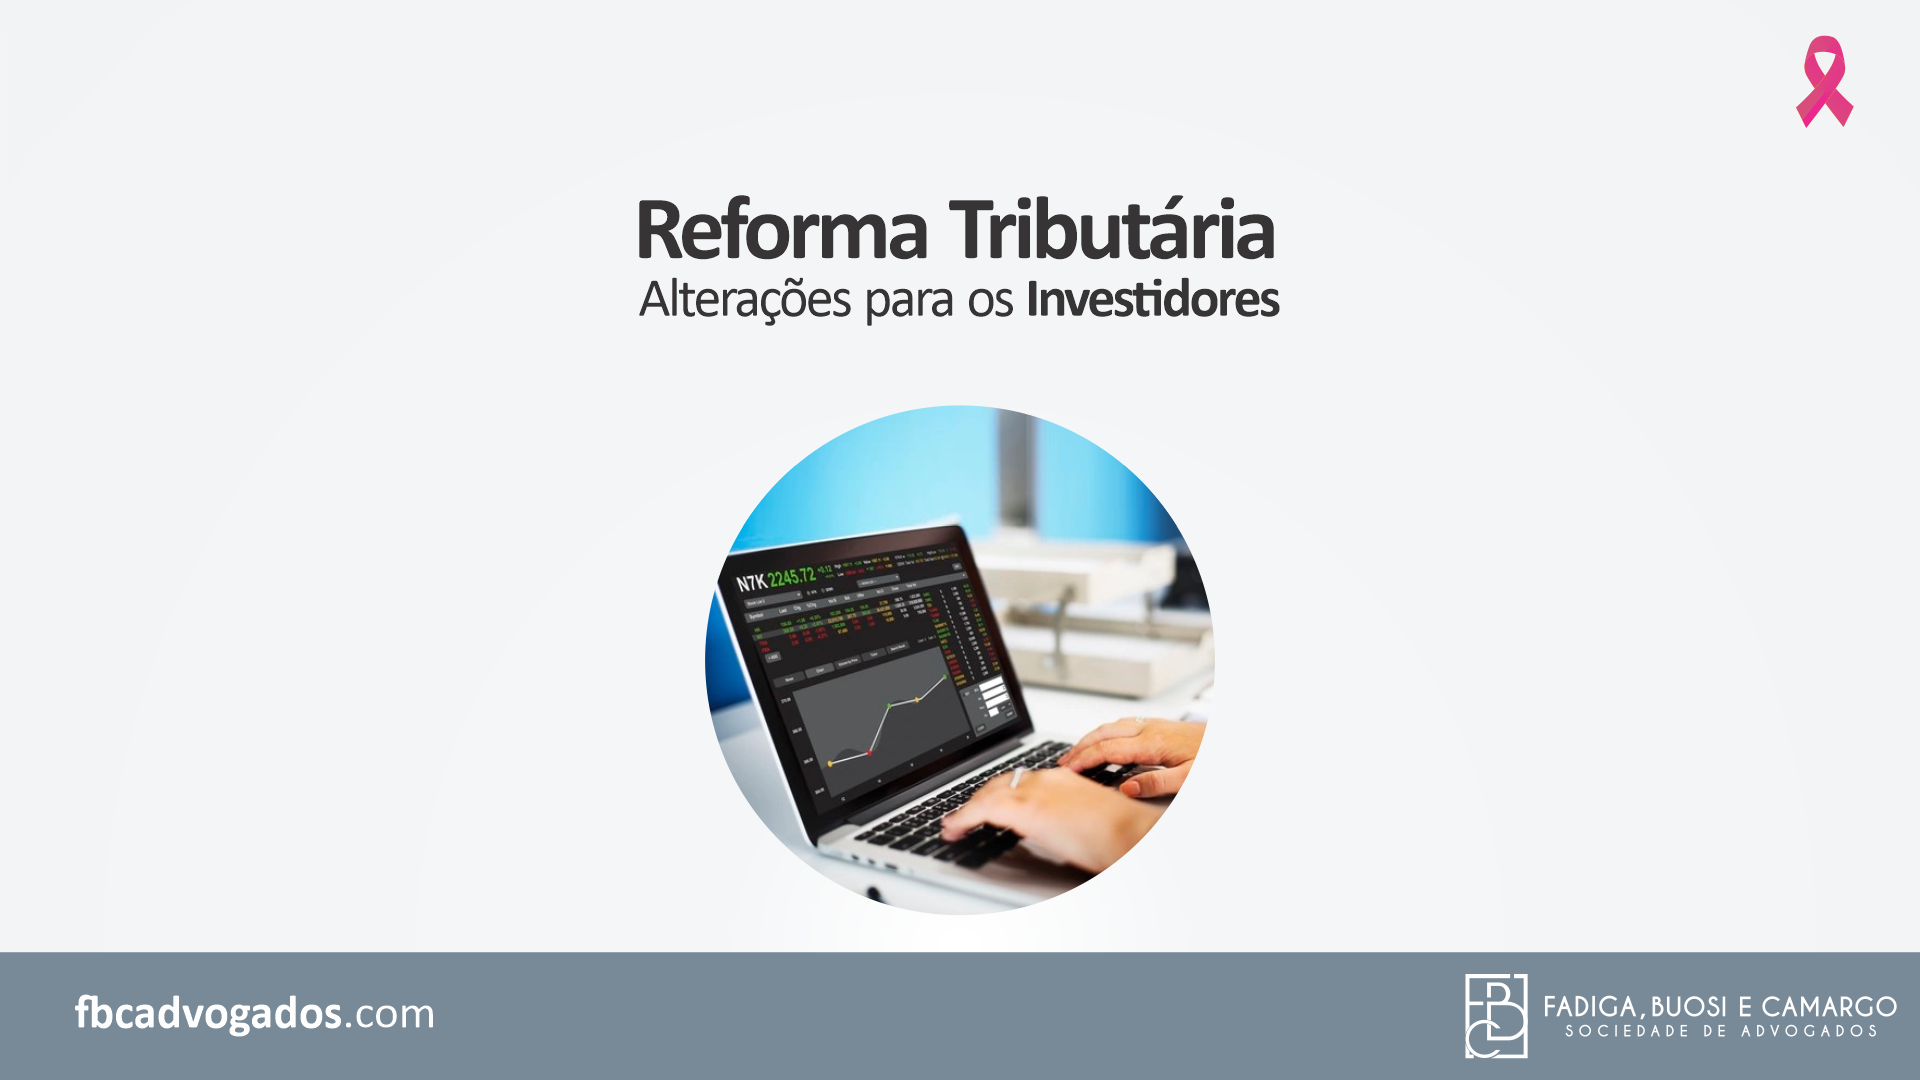 Reforma Tributária: alterações para os investidores